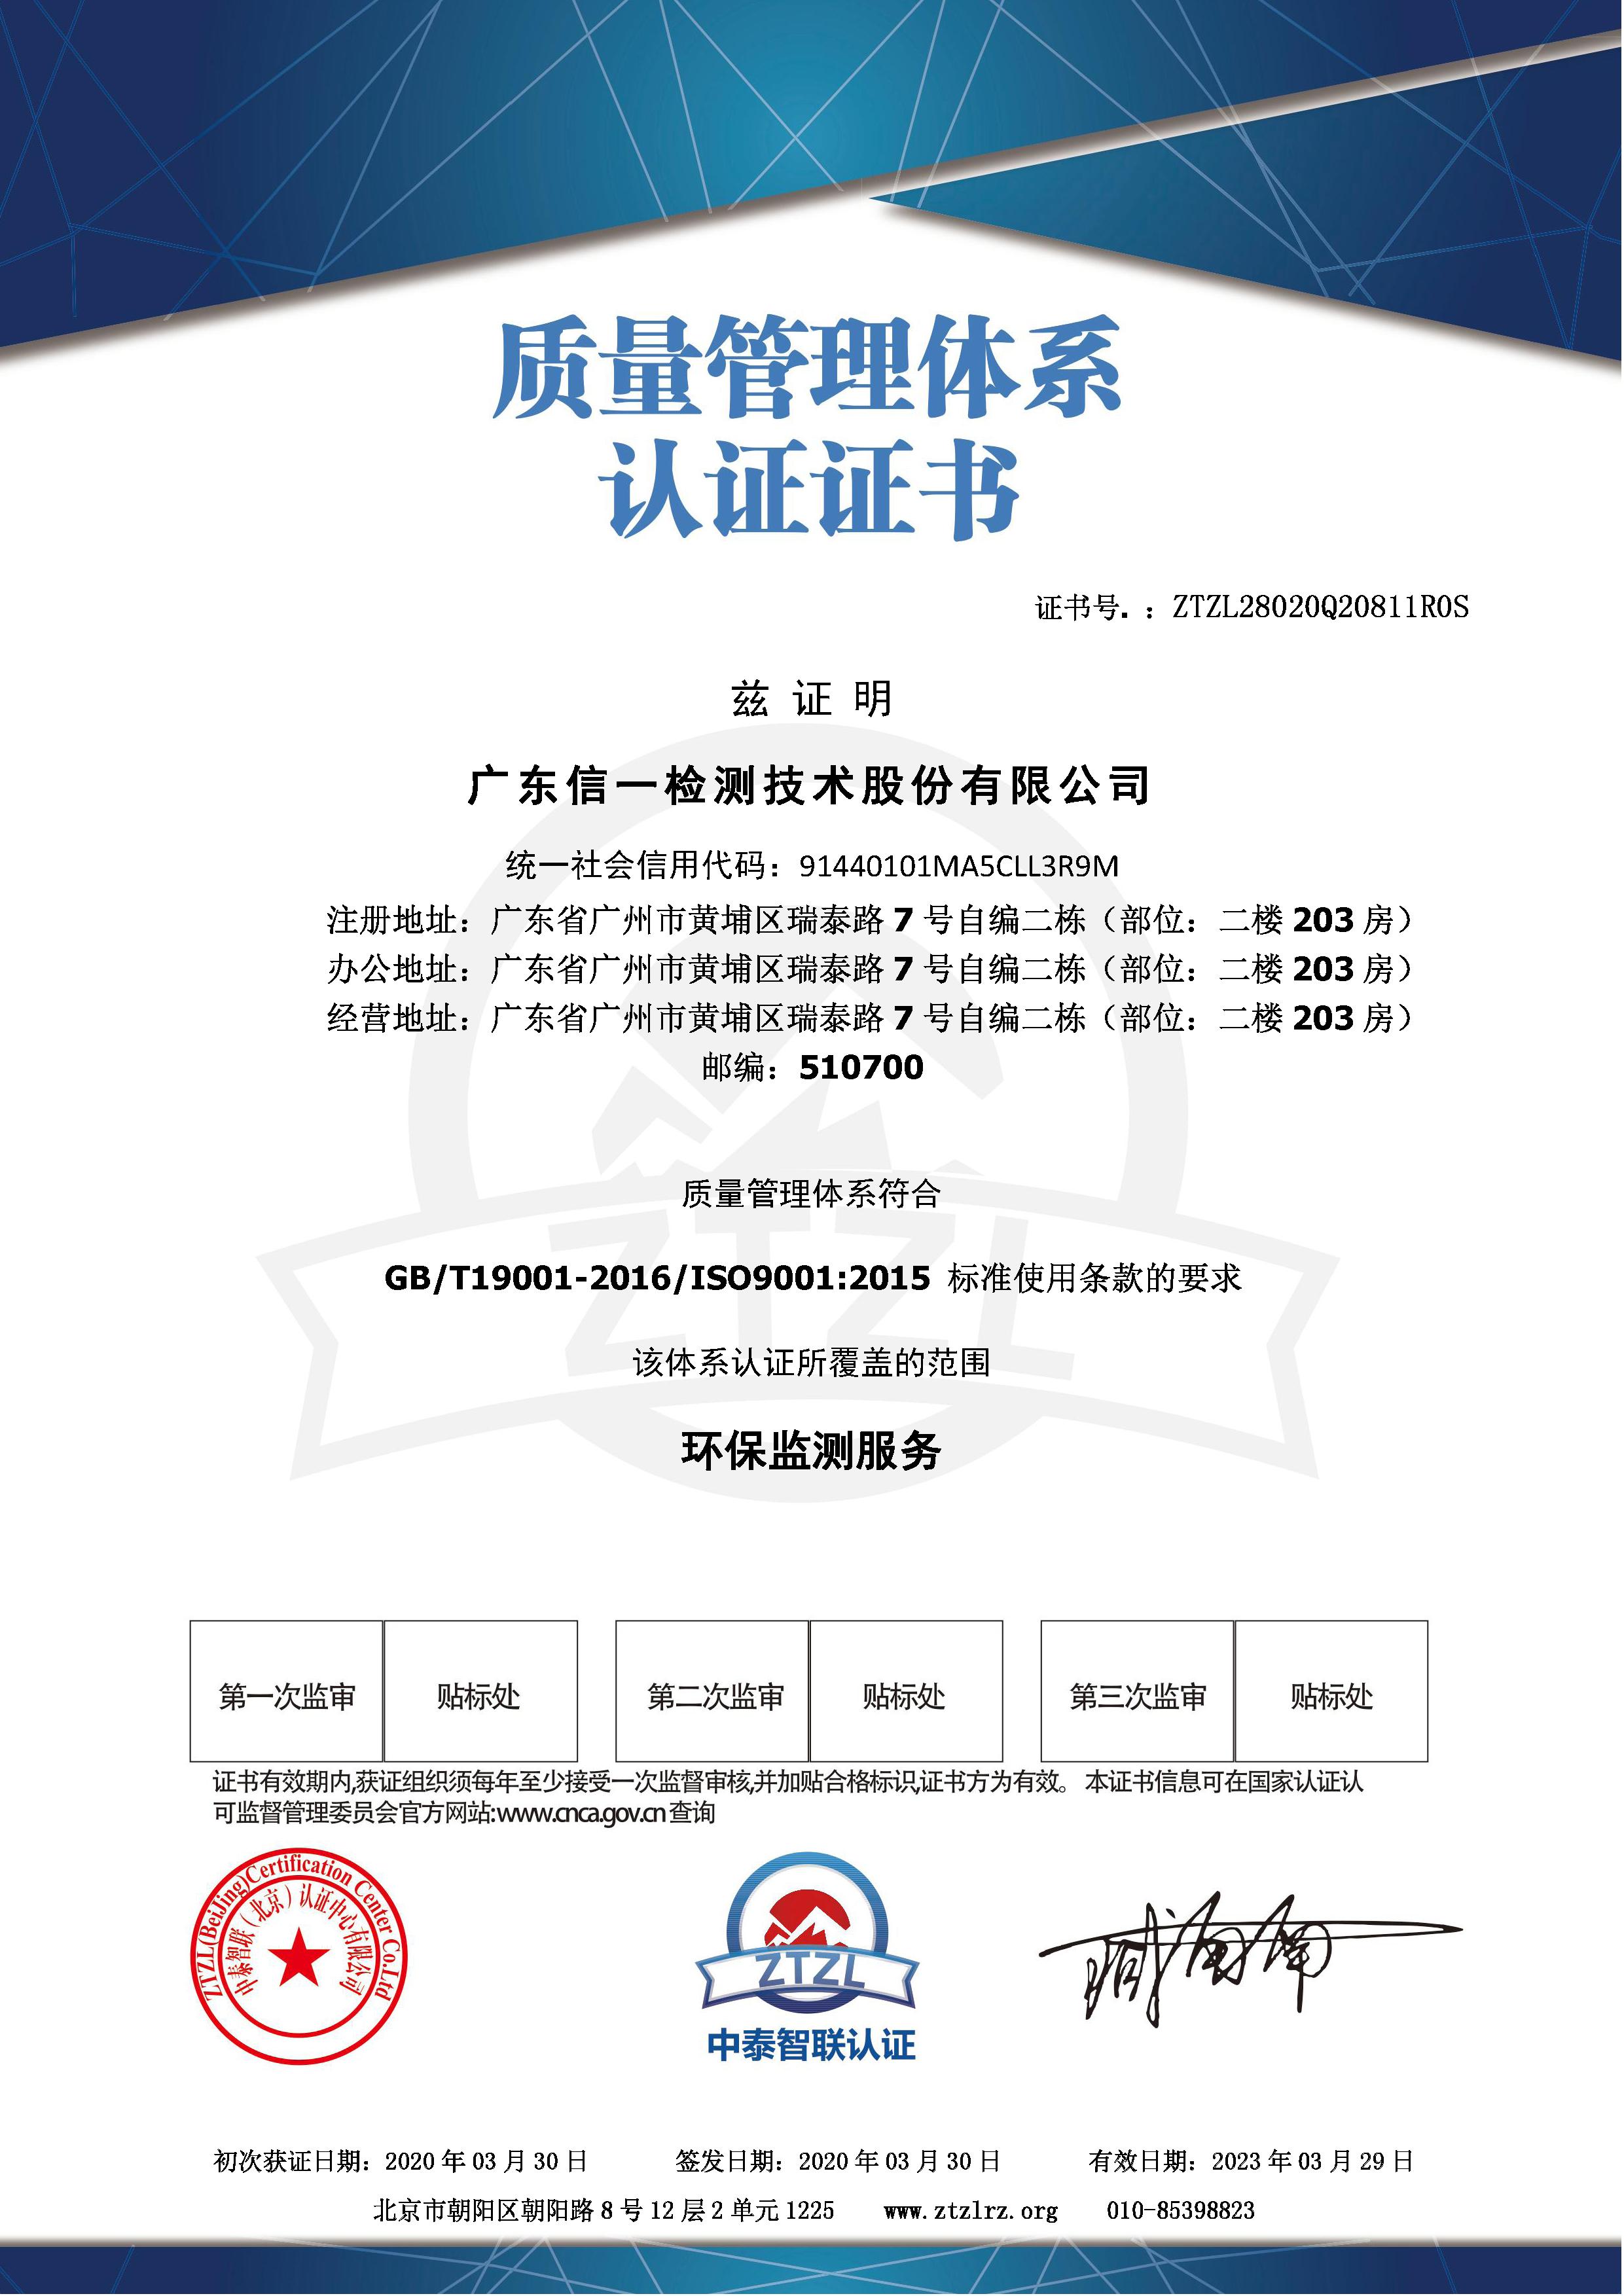 广东信一检测技术股份有限公司-质量管理体系认证证书(1)_页面_1